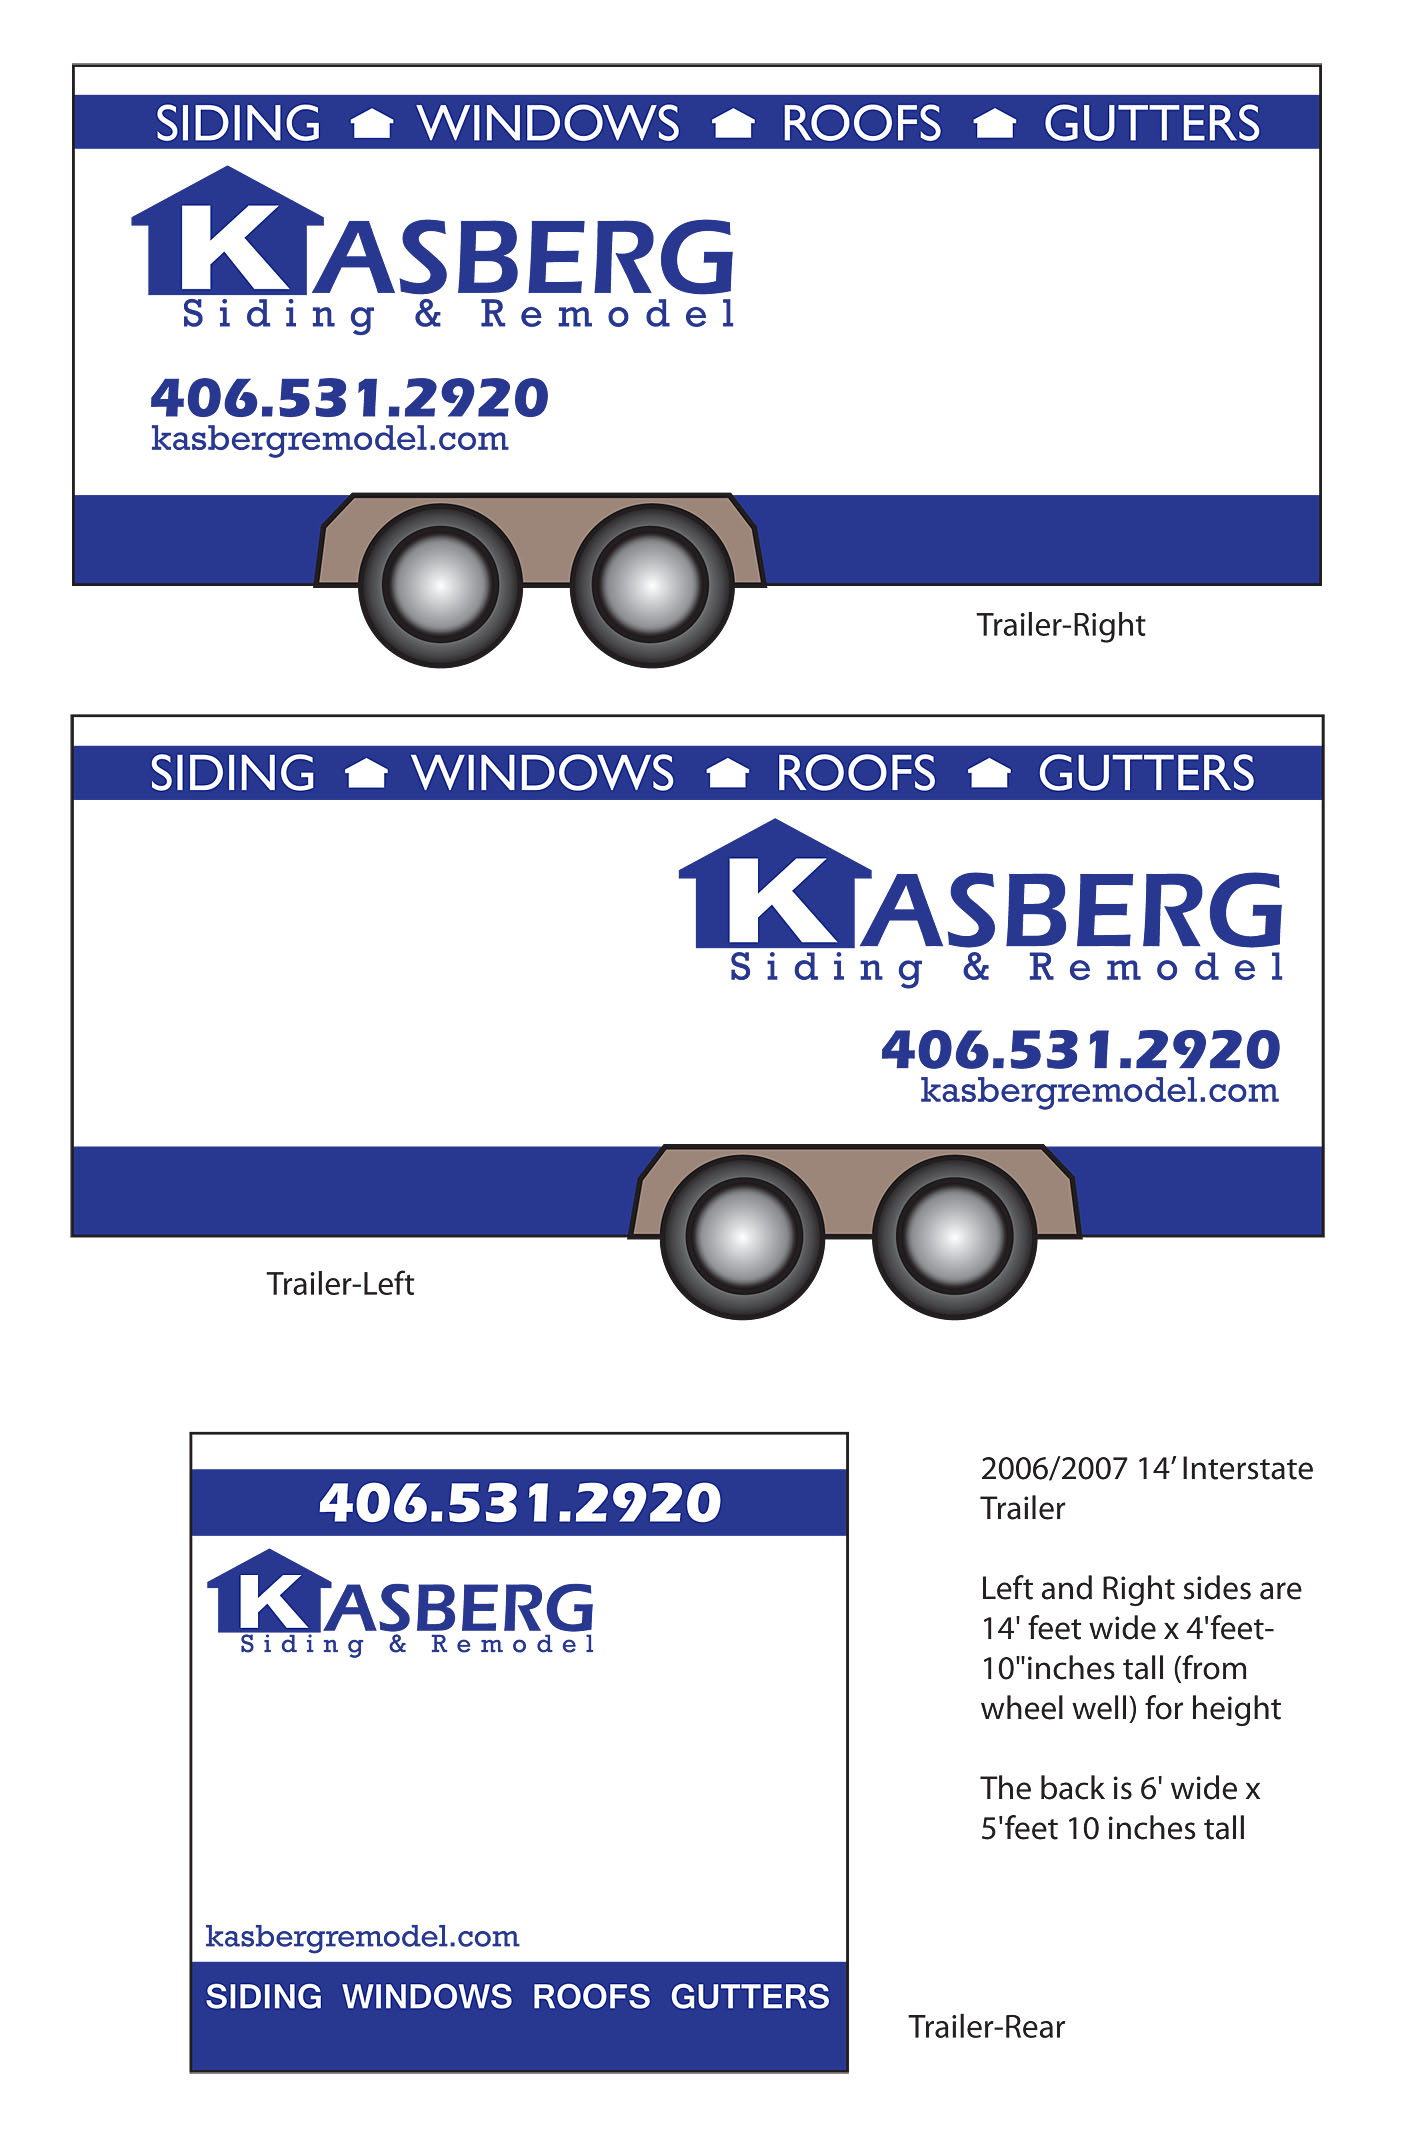 Logo Design, Graphic Design, Logo Creation, Missoula Montana, Denver Colorado, Logo Design Missoula Montana, Graphic Design Missoula Montana, Logo Design Denver Colorado, Graphic Design Denver Colorado, vehicle graphics